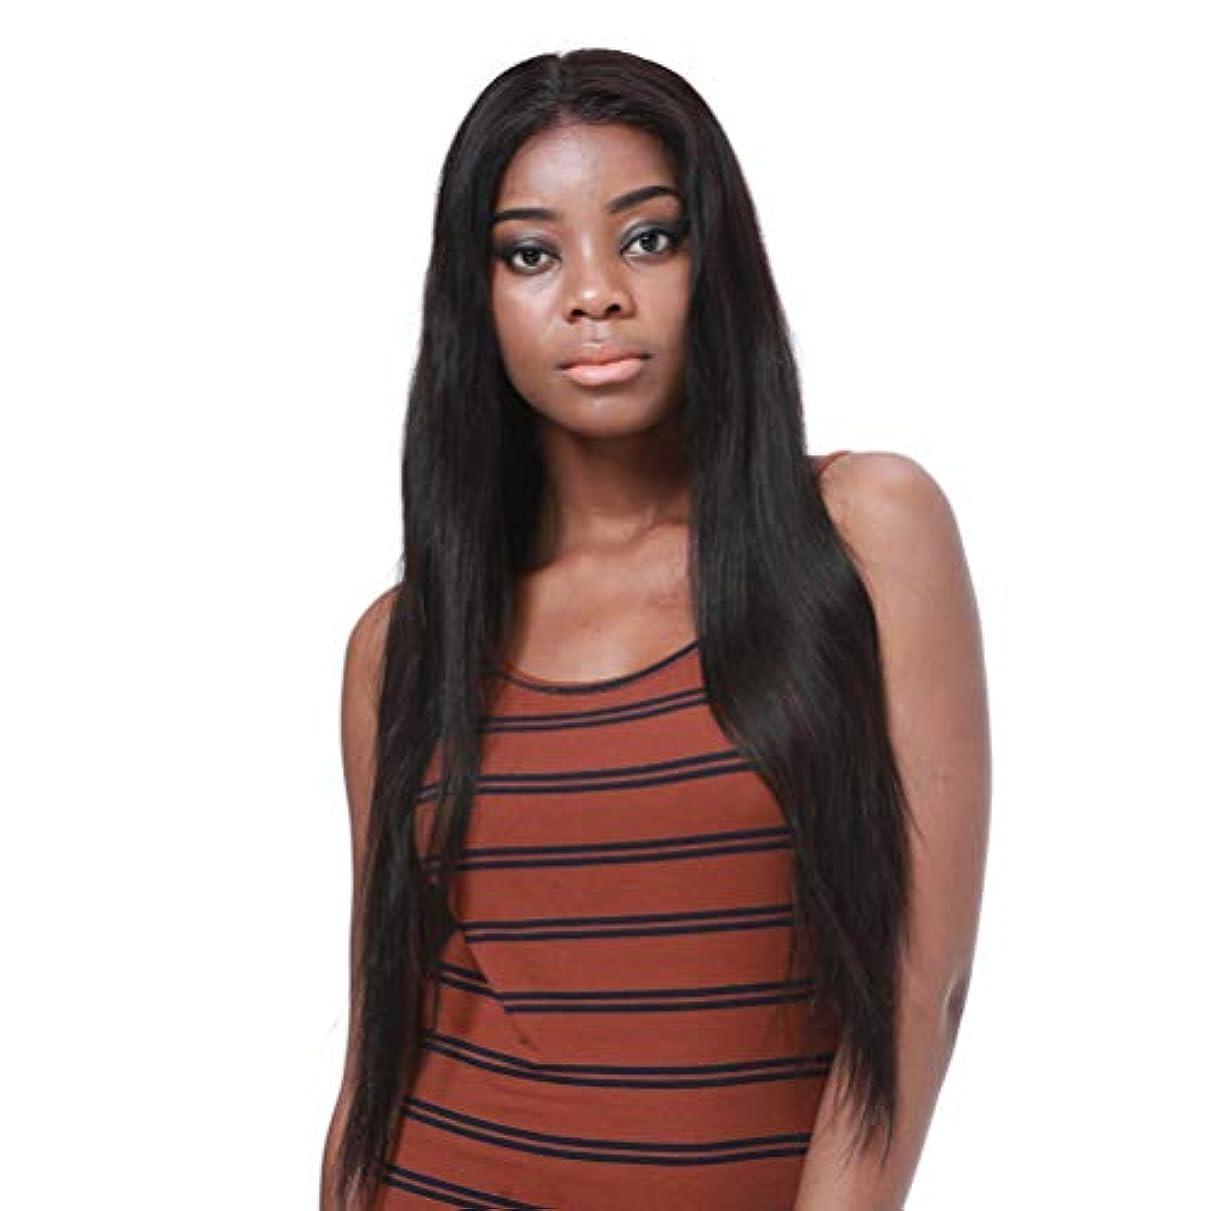 合成耐熱天然高品質かつらのためのフロントレースかつら女性の長いストレートの髪